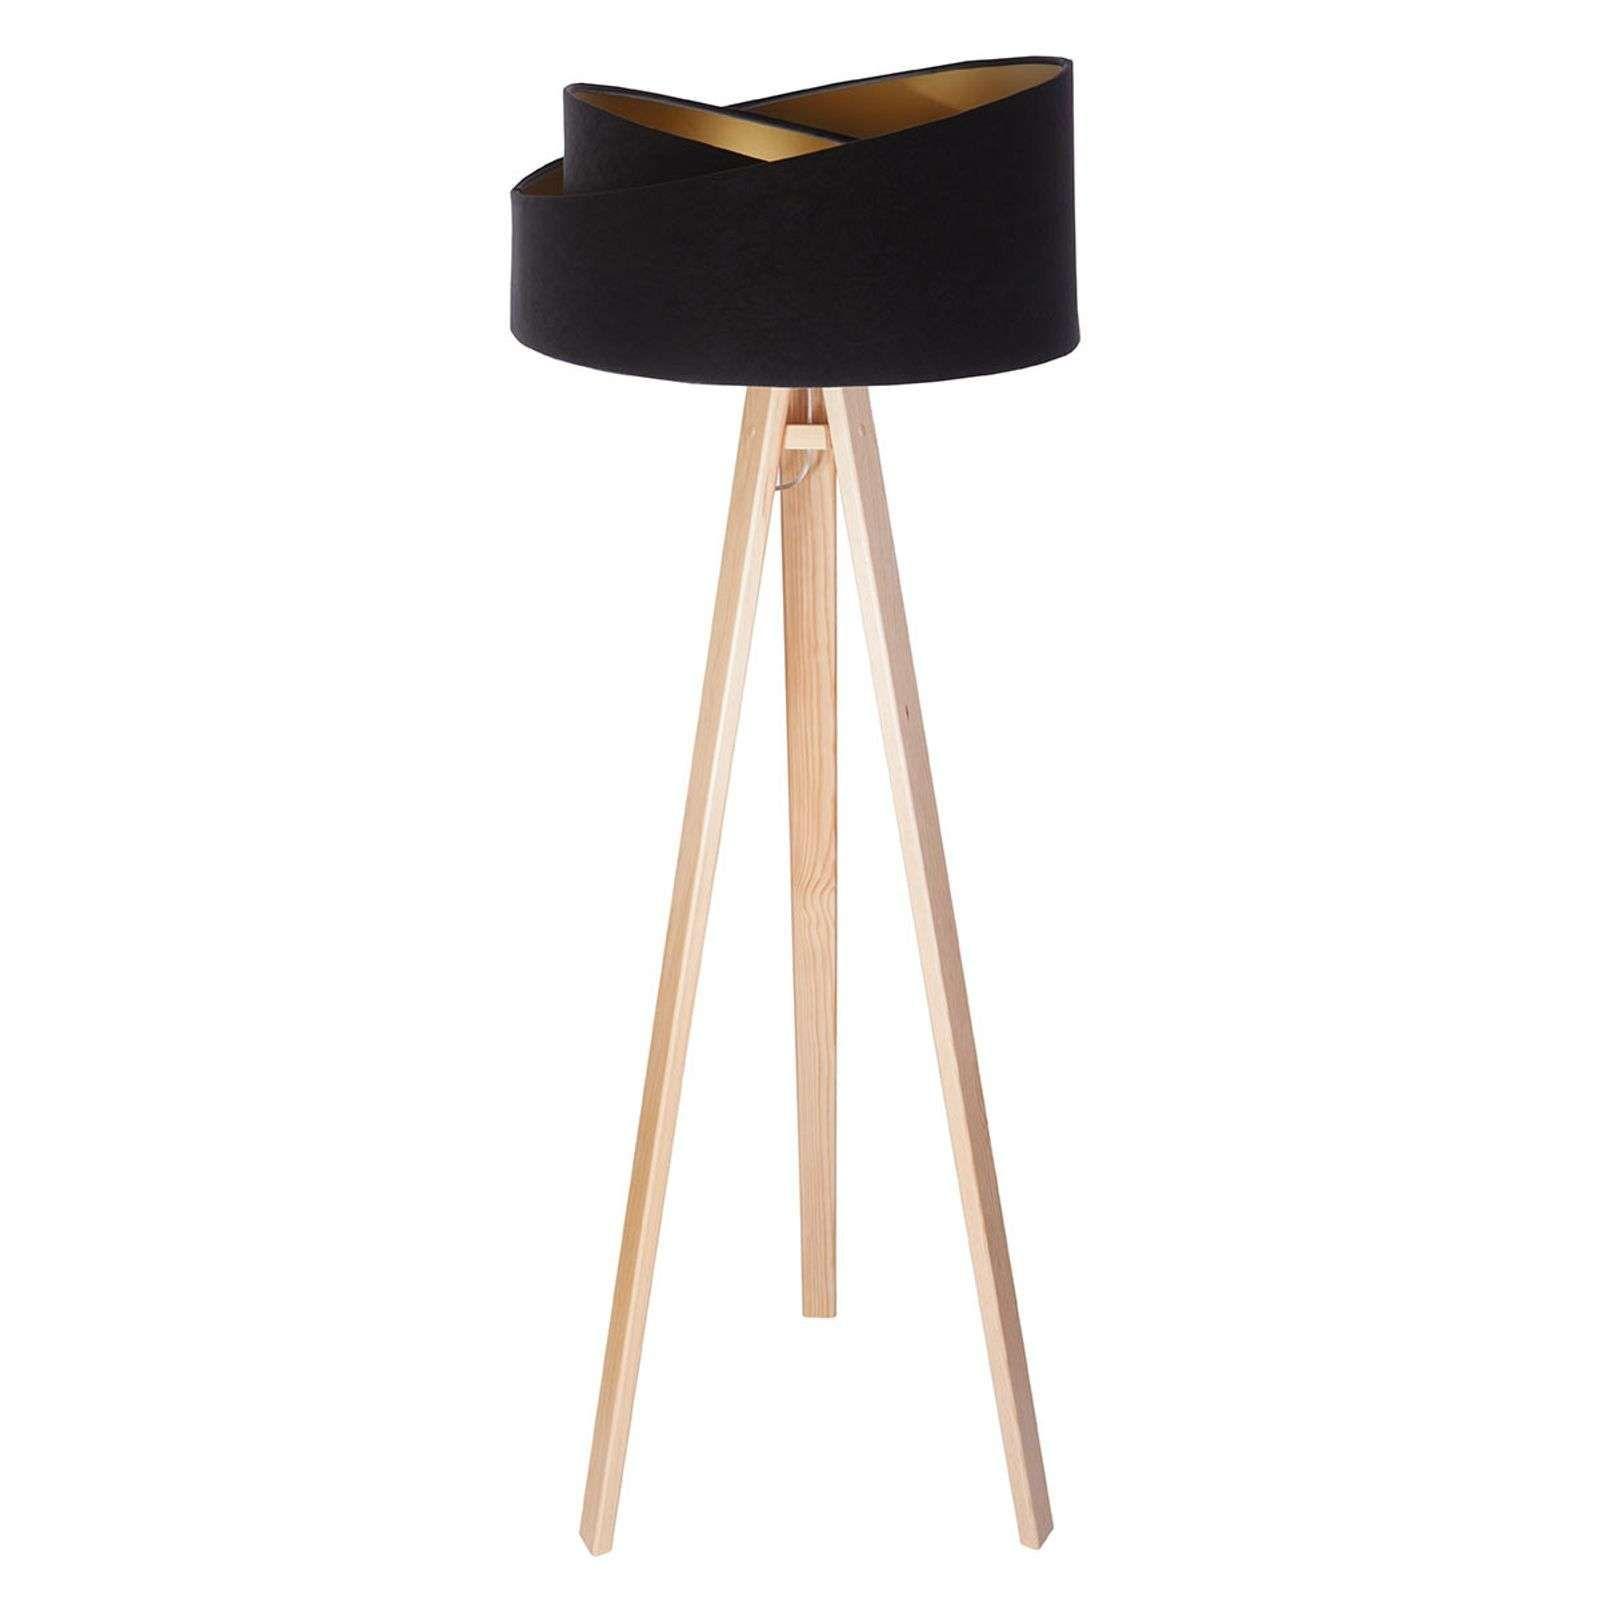 Moderne Stehlampe Schwarz Klassiker Stehleuchten Stehlampe